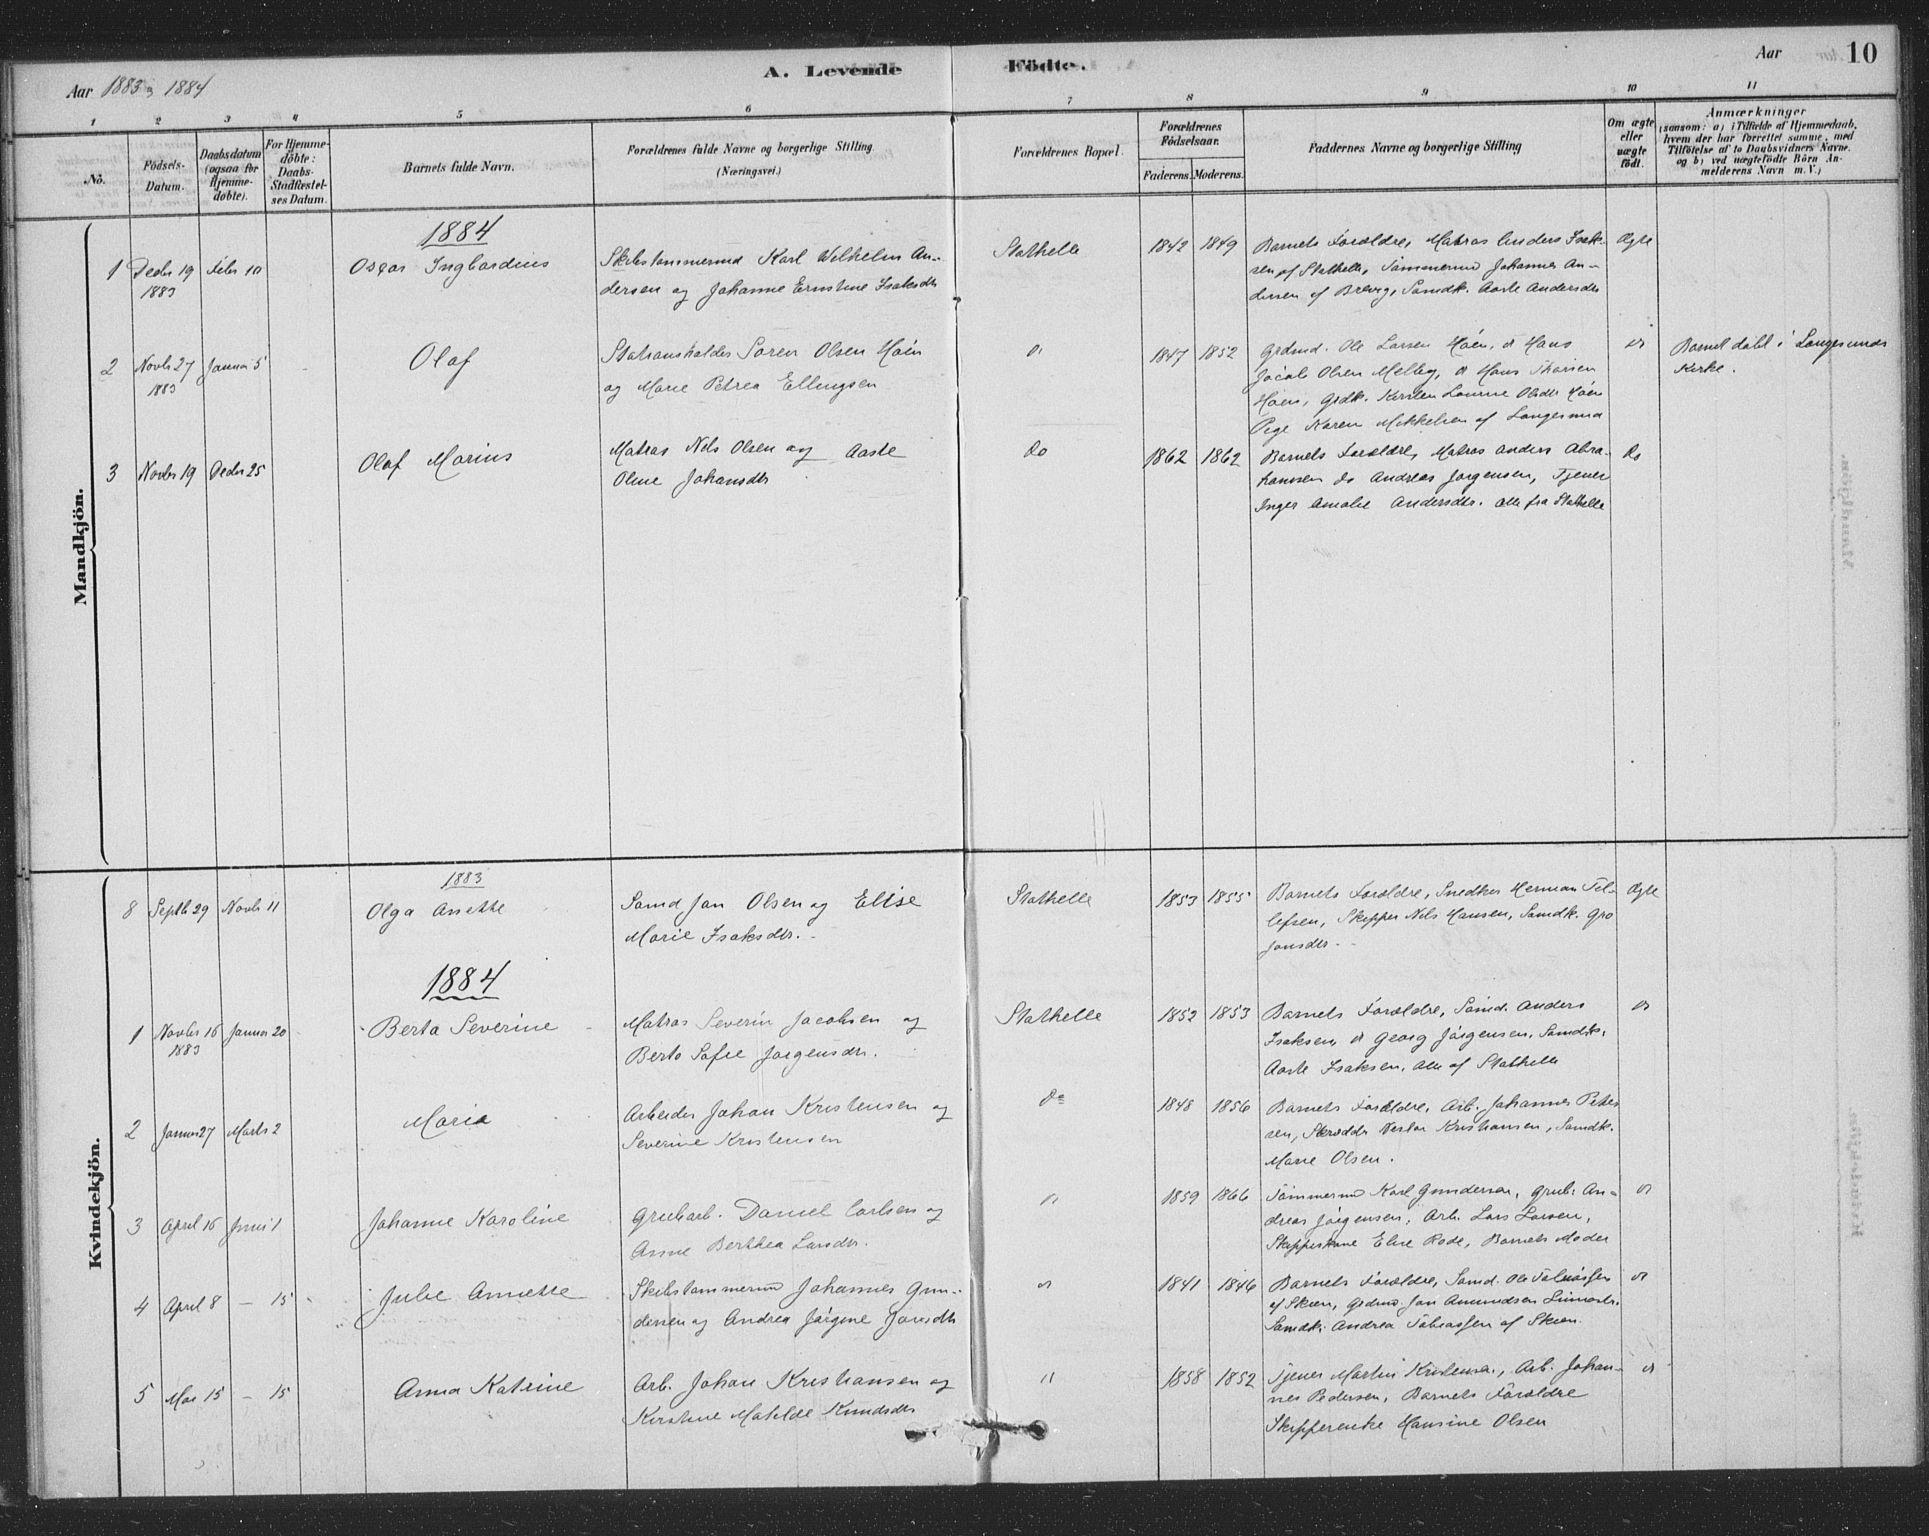 SAKO, Bamble kirkebøker, F/Fb/L0001: Ministerialbok nr. II 1, 1878-1899, s. 10